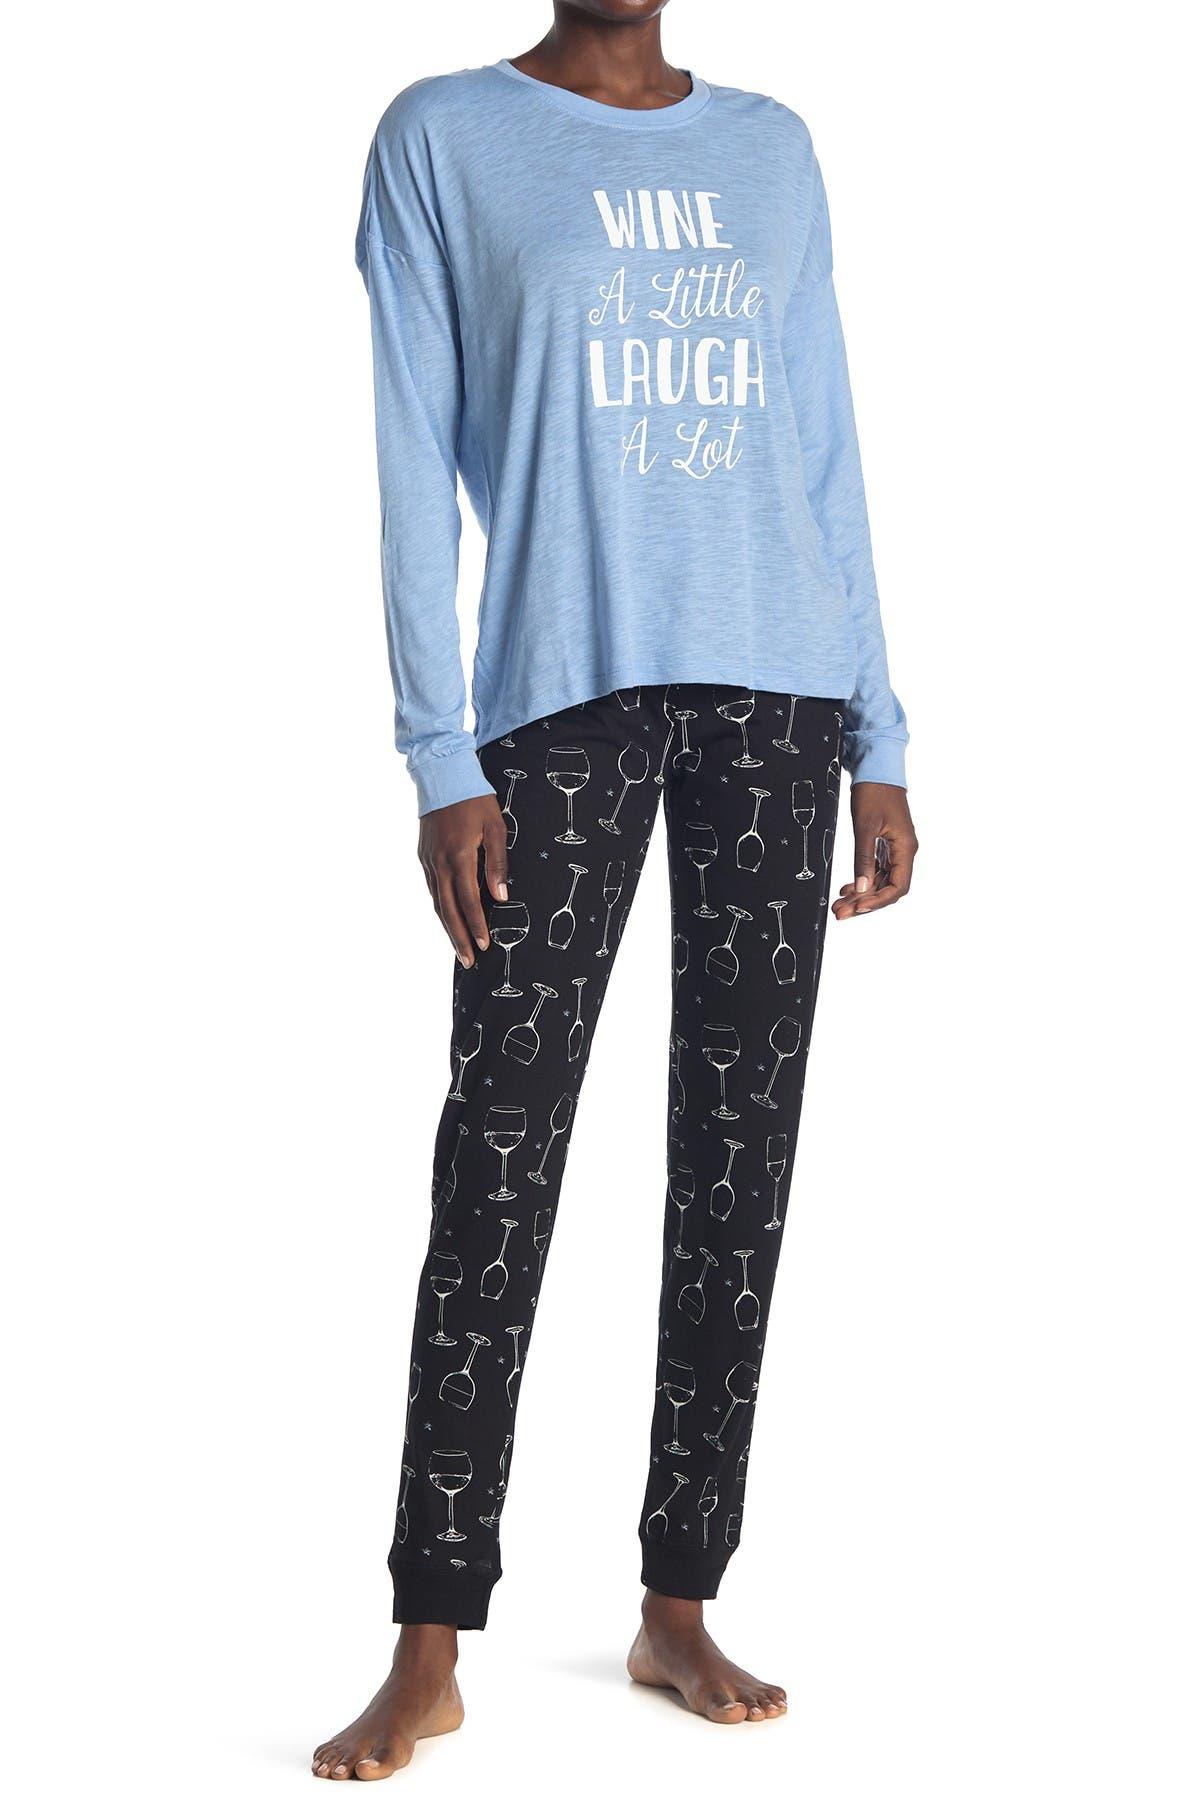 Image of COZY ZOE Printed Shirt & Pants 2-Piece Pajama Set